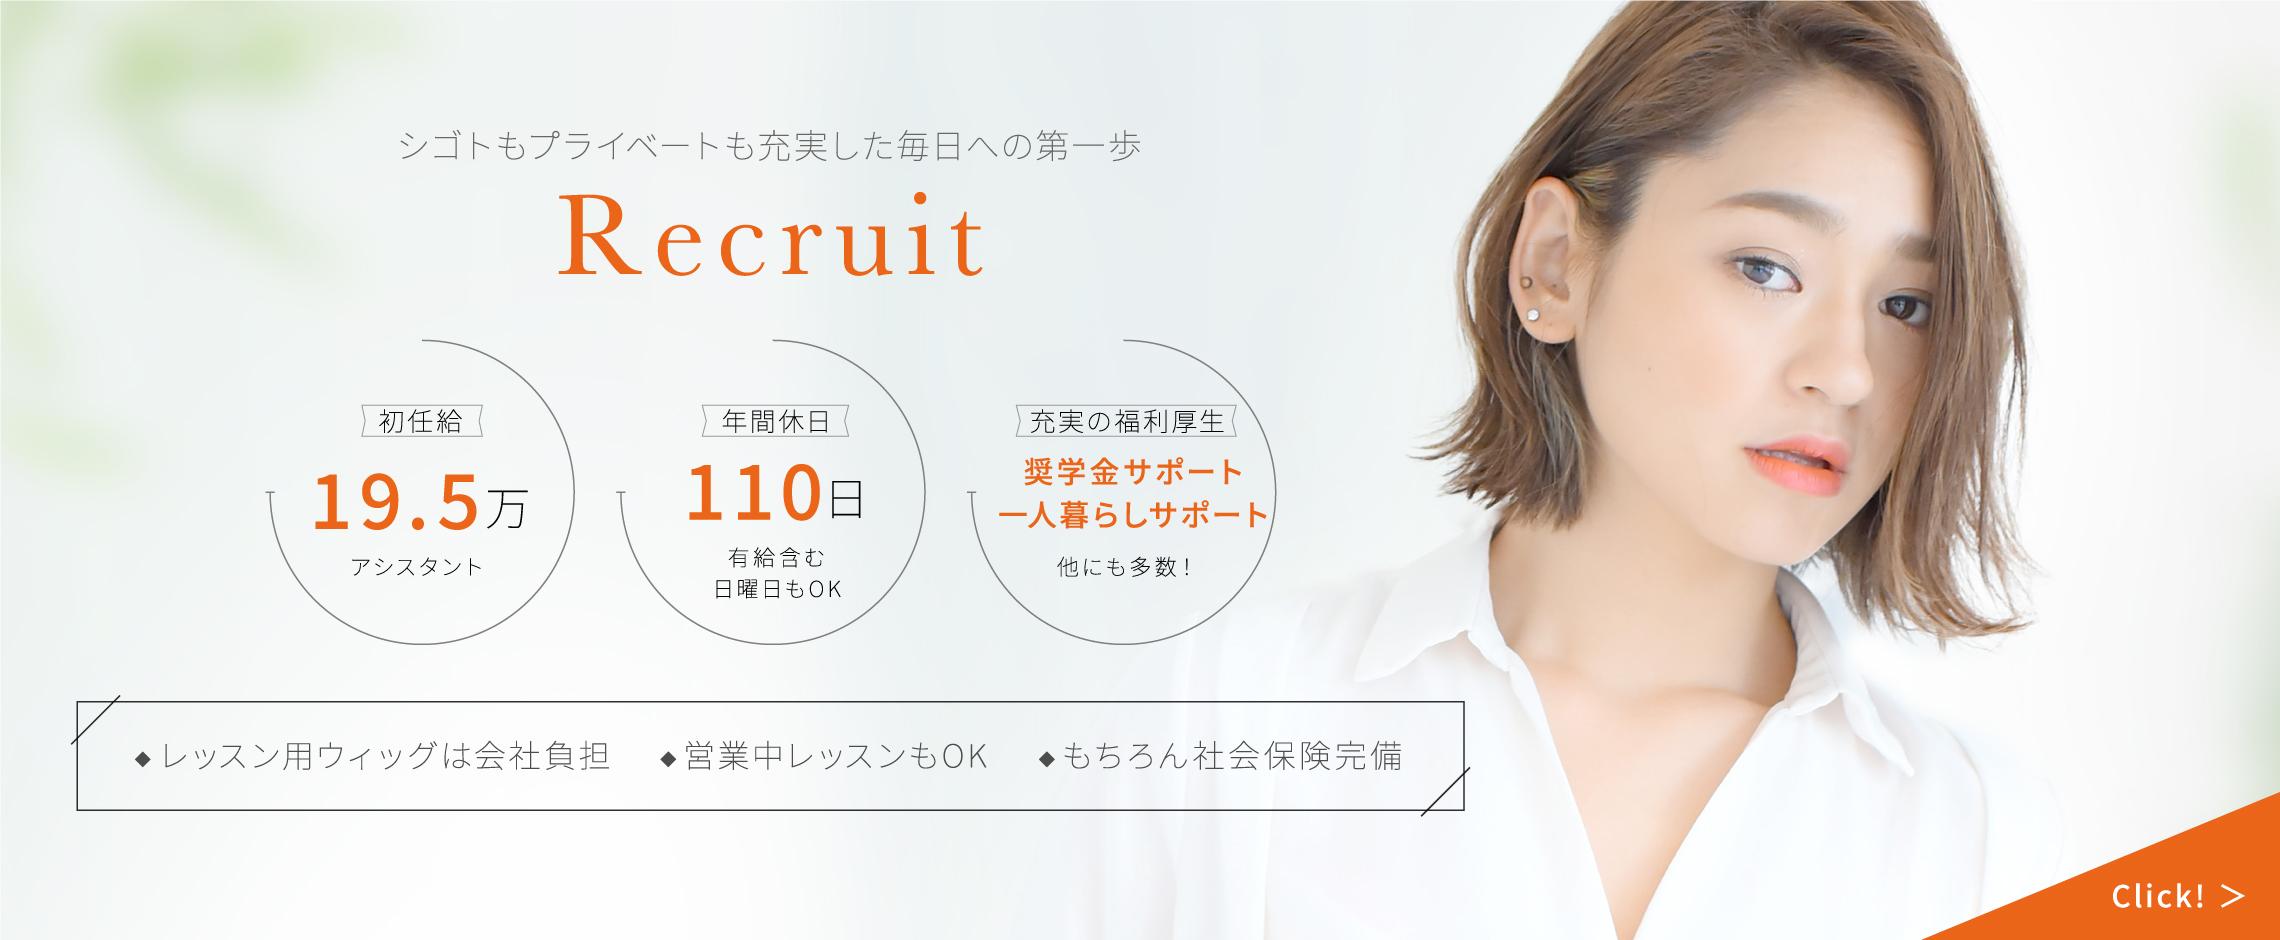 シゴトもプライベートも充実した毎日への第一歩 Kizuna Recruit